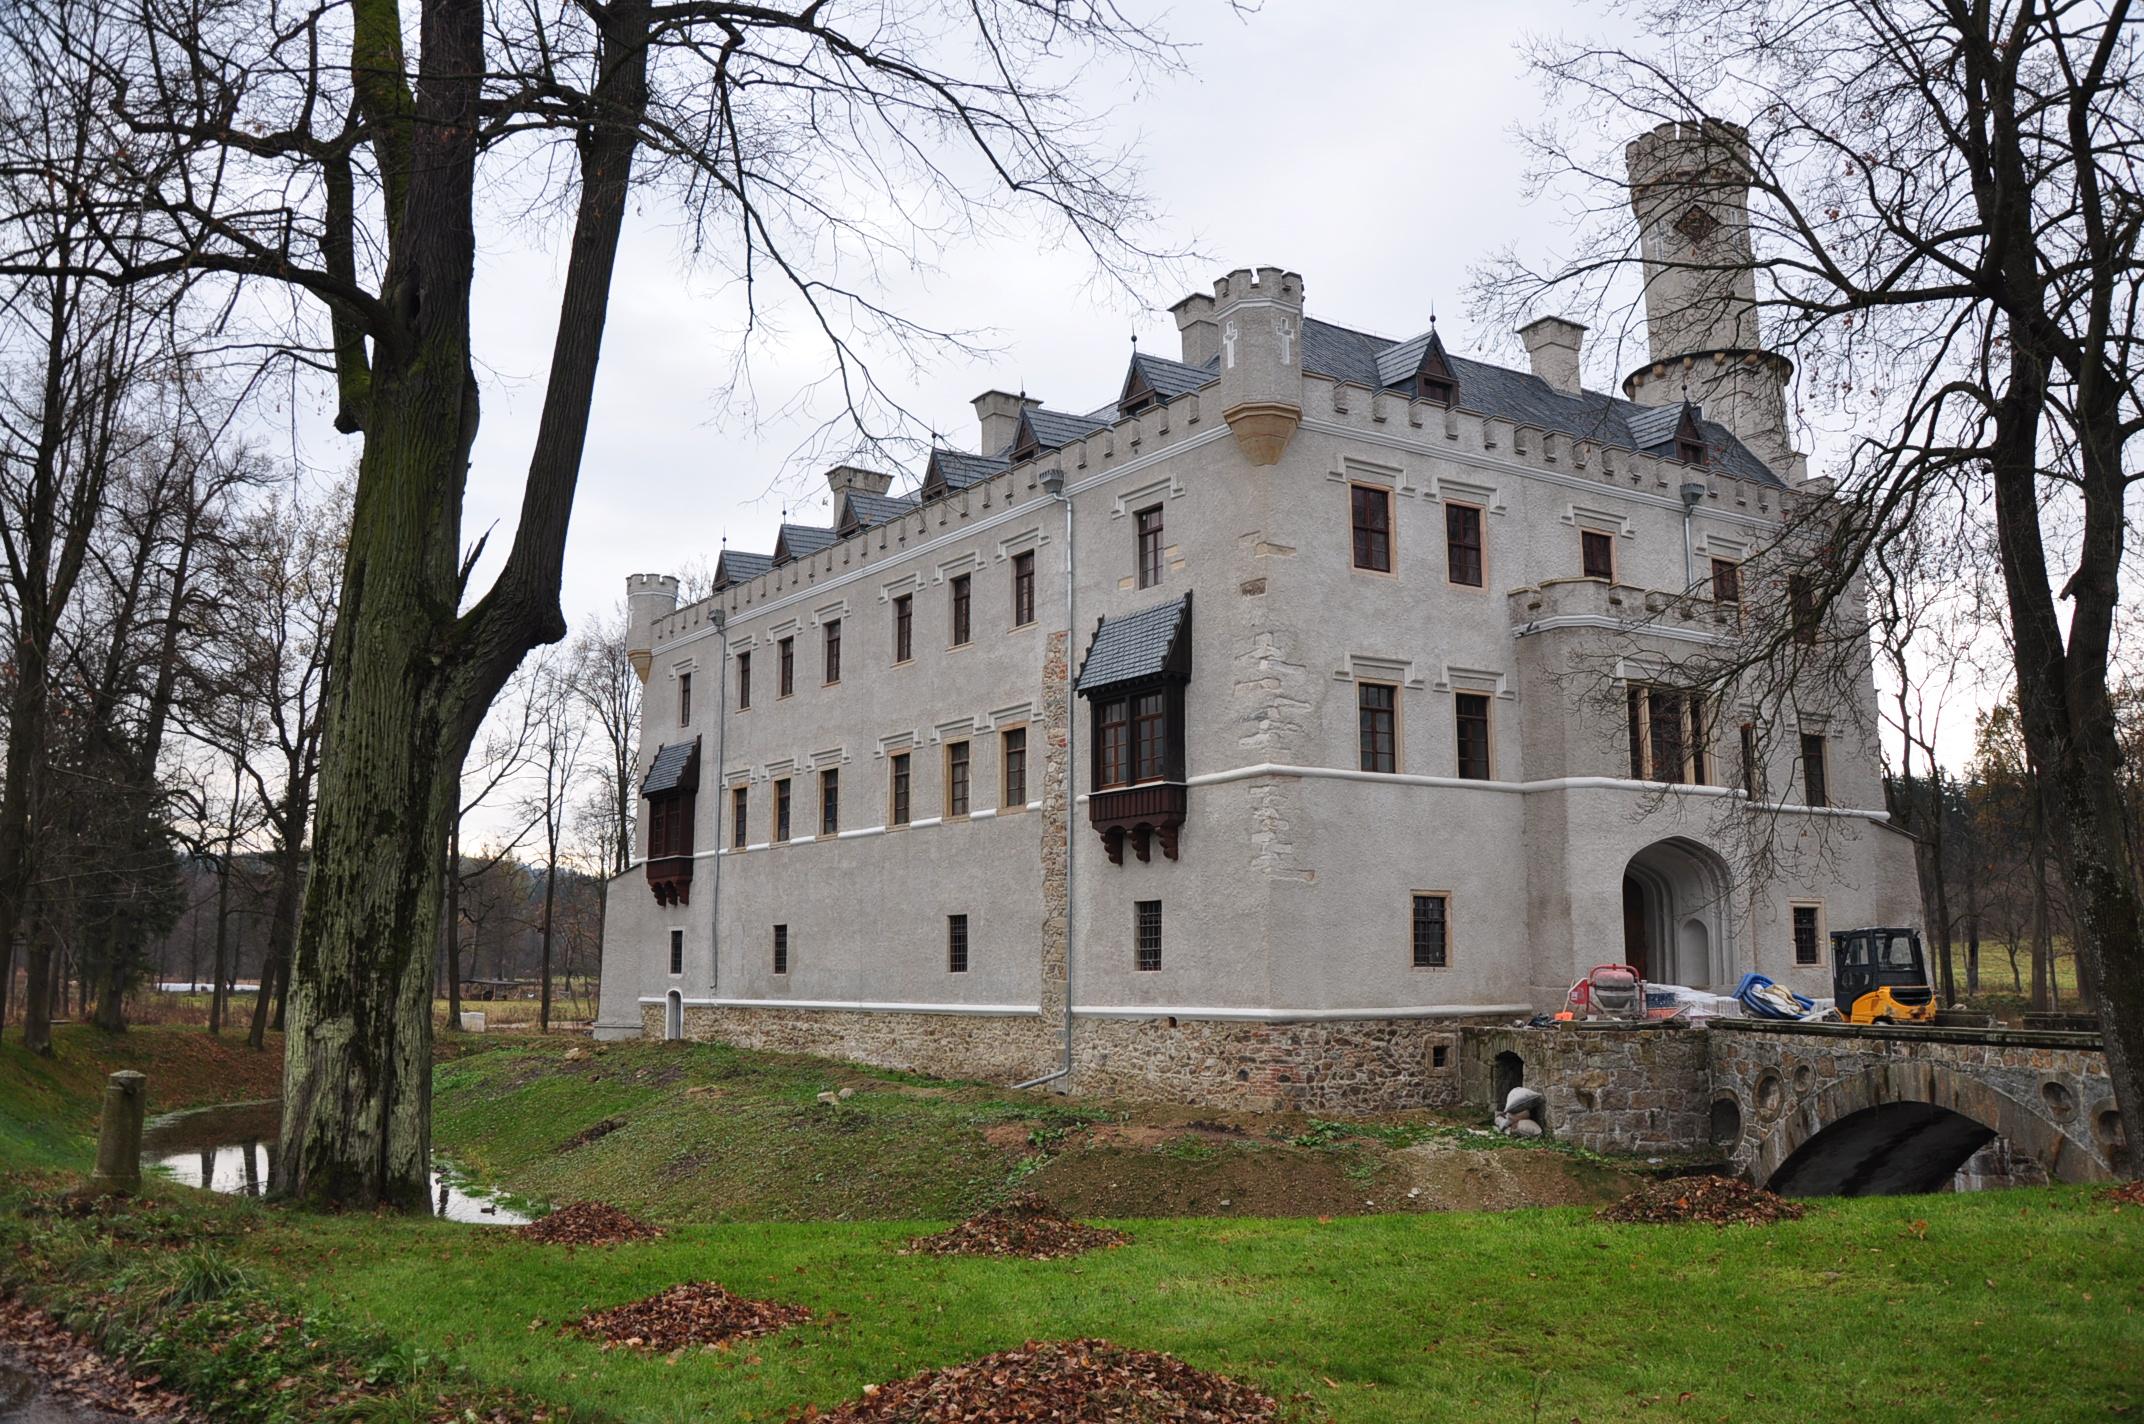 Schloss Fischbach (Karpniki) bei Jelenia Gora Foto: Beemwej, Monument ID 592041, CC-BY-SA-3.0-PL